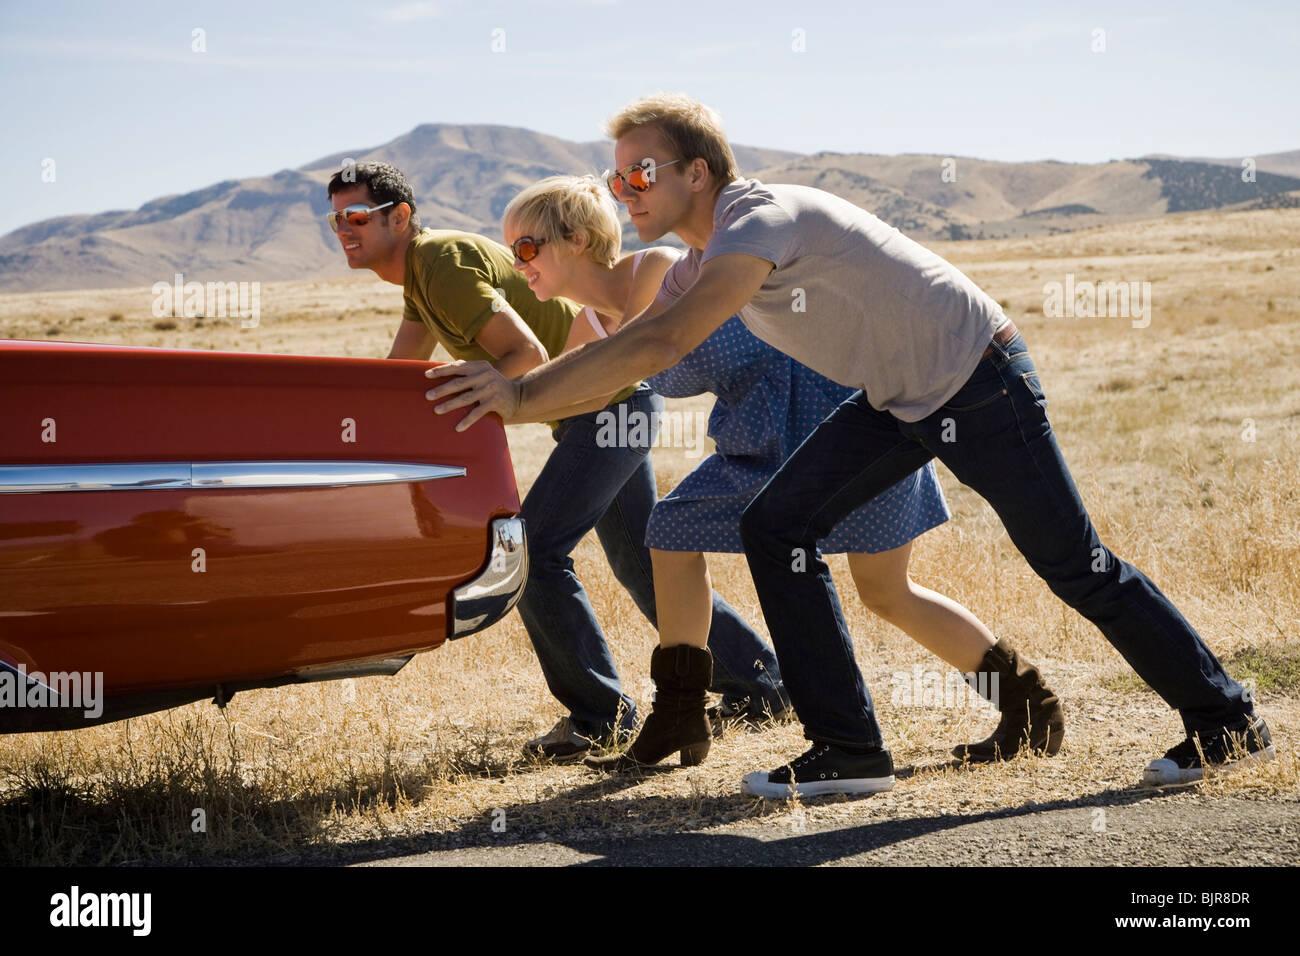 Personnes poussant une voiture en bas de la route Photo Stock